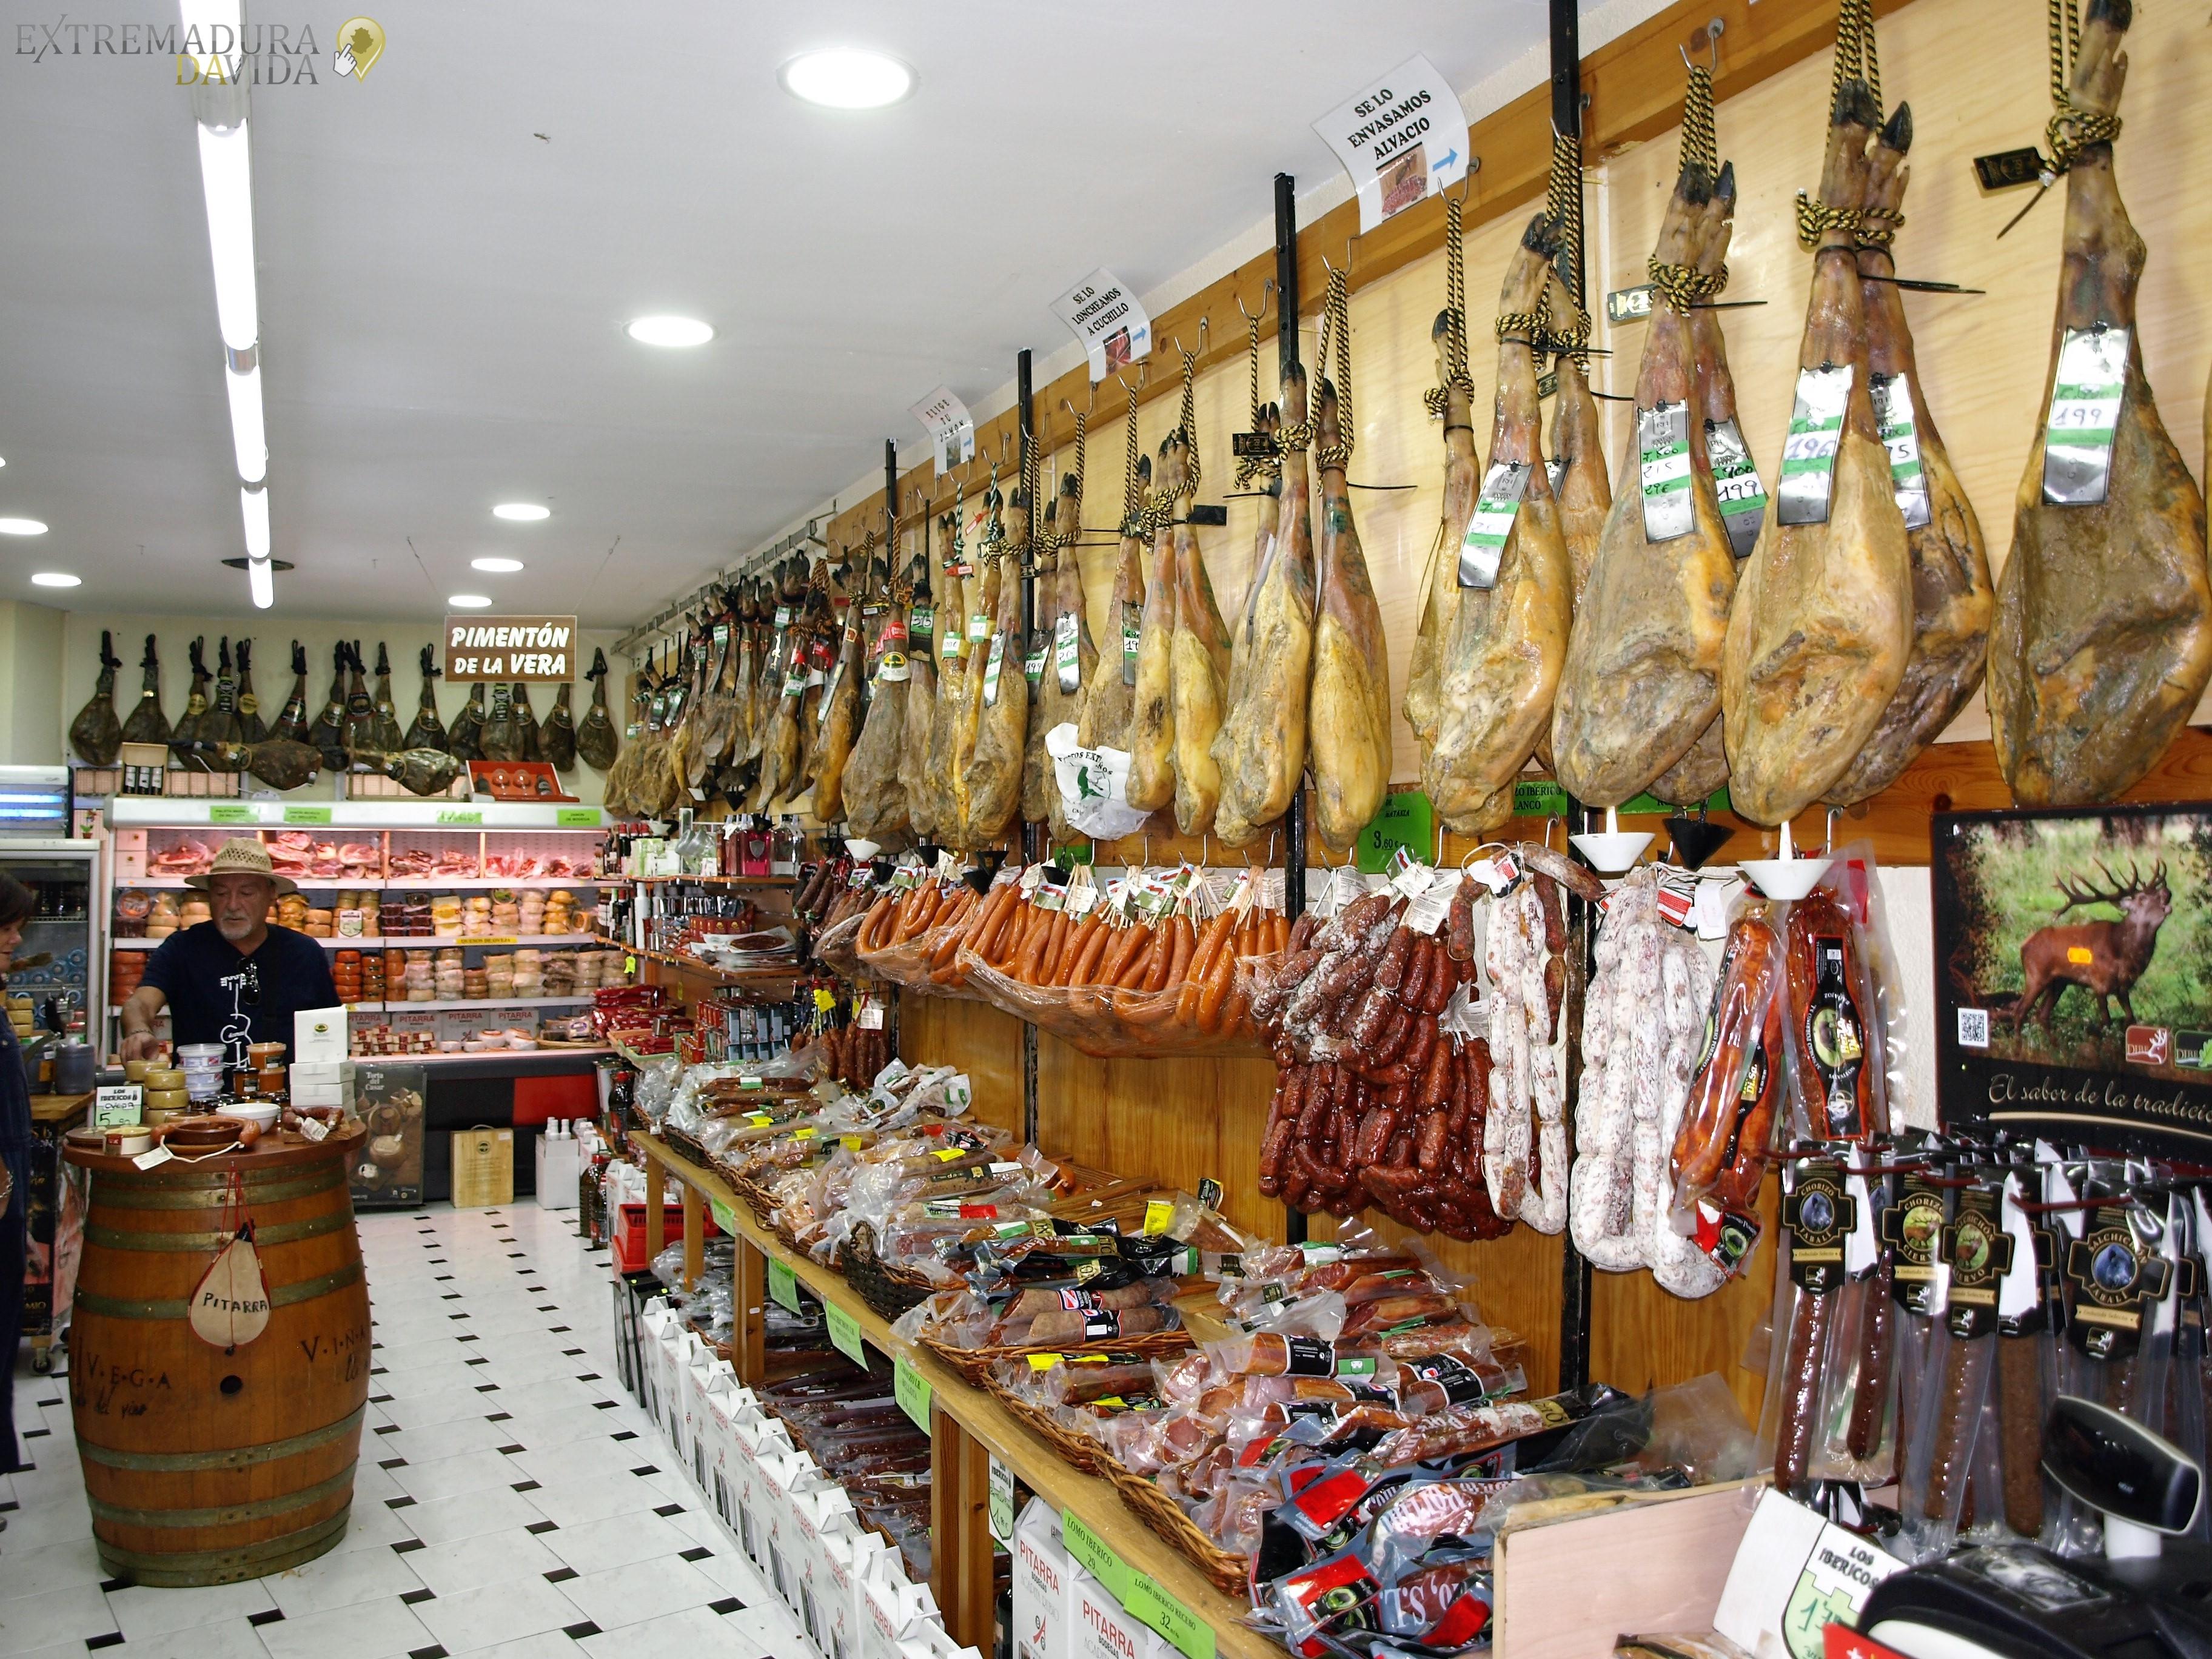 Productos Extremeños en Cáceres Los Ibéricos